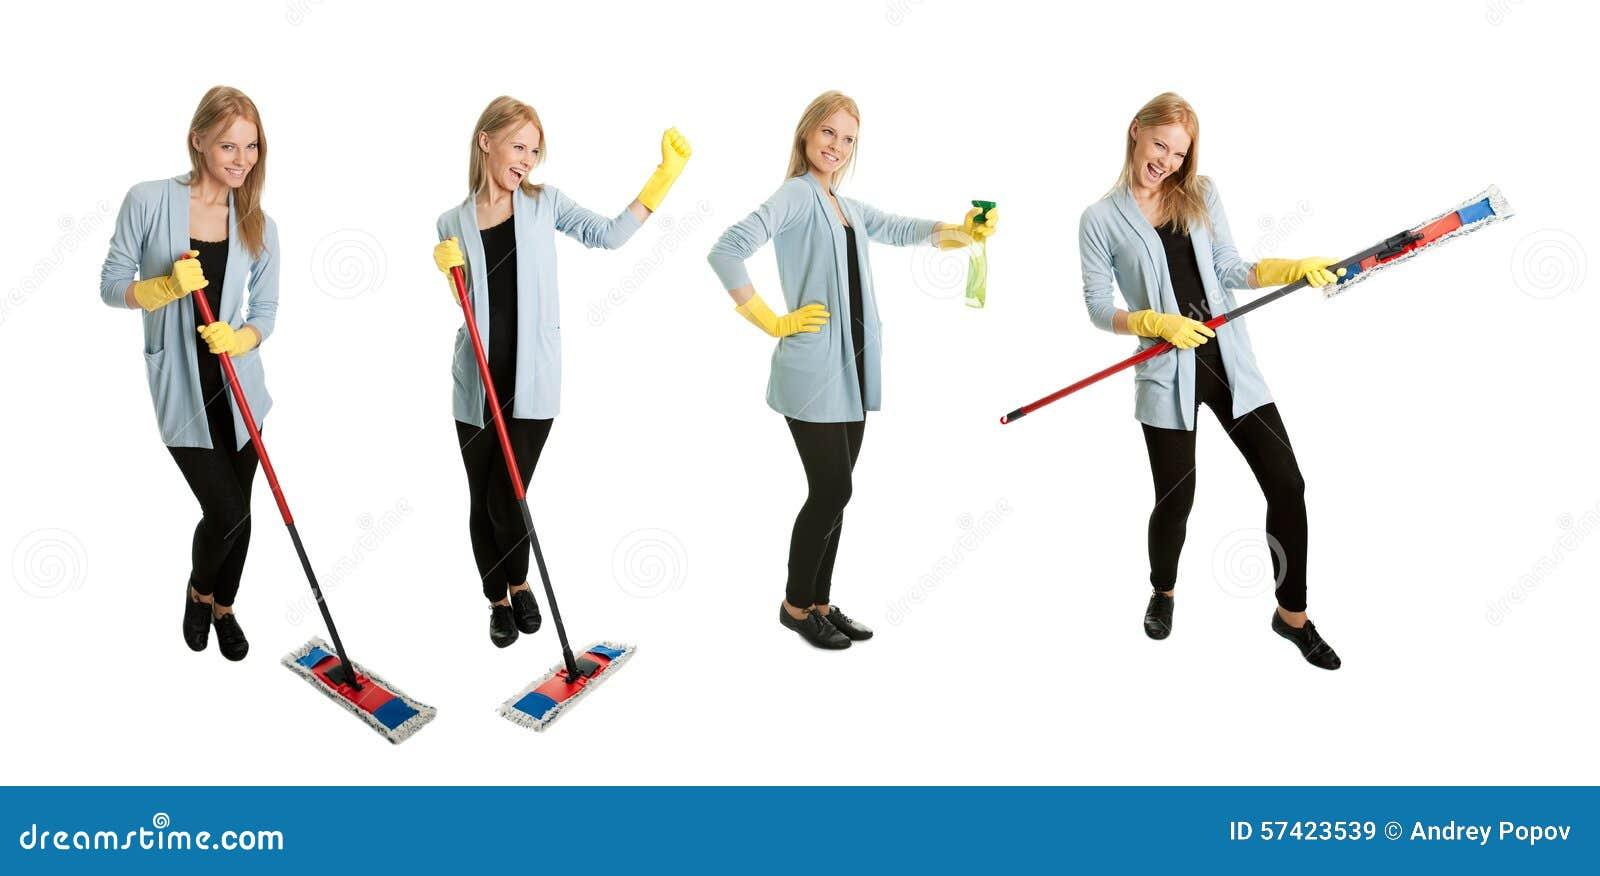 Fotos de la señora de la limpieza joven